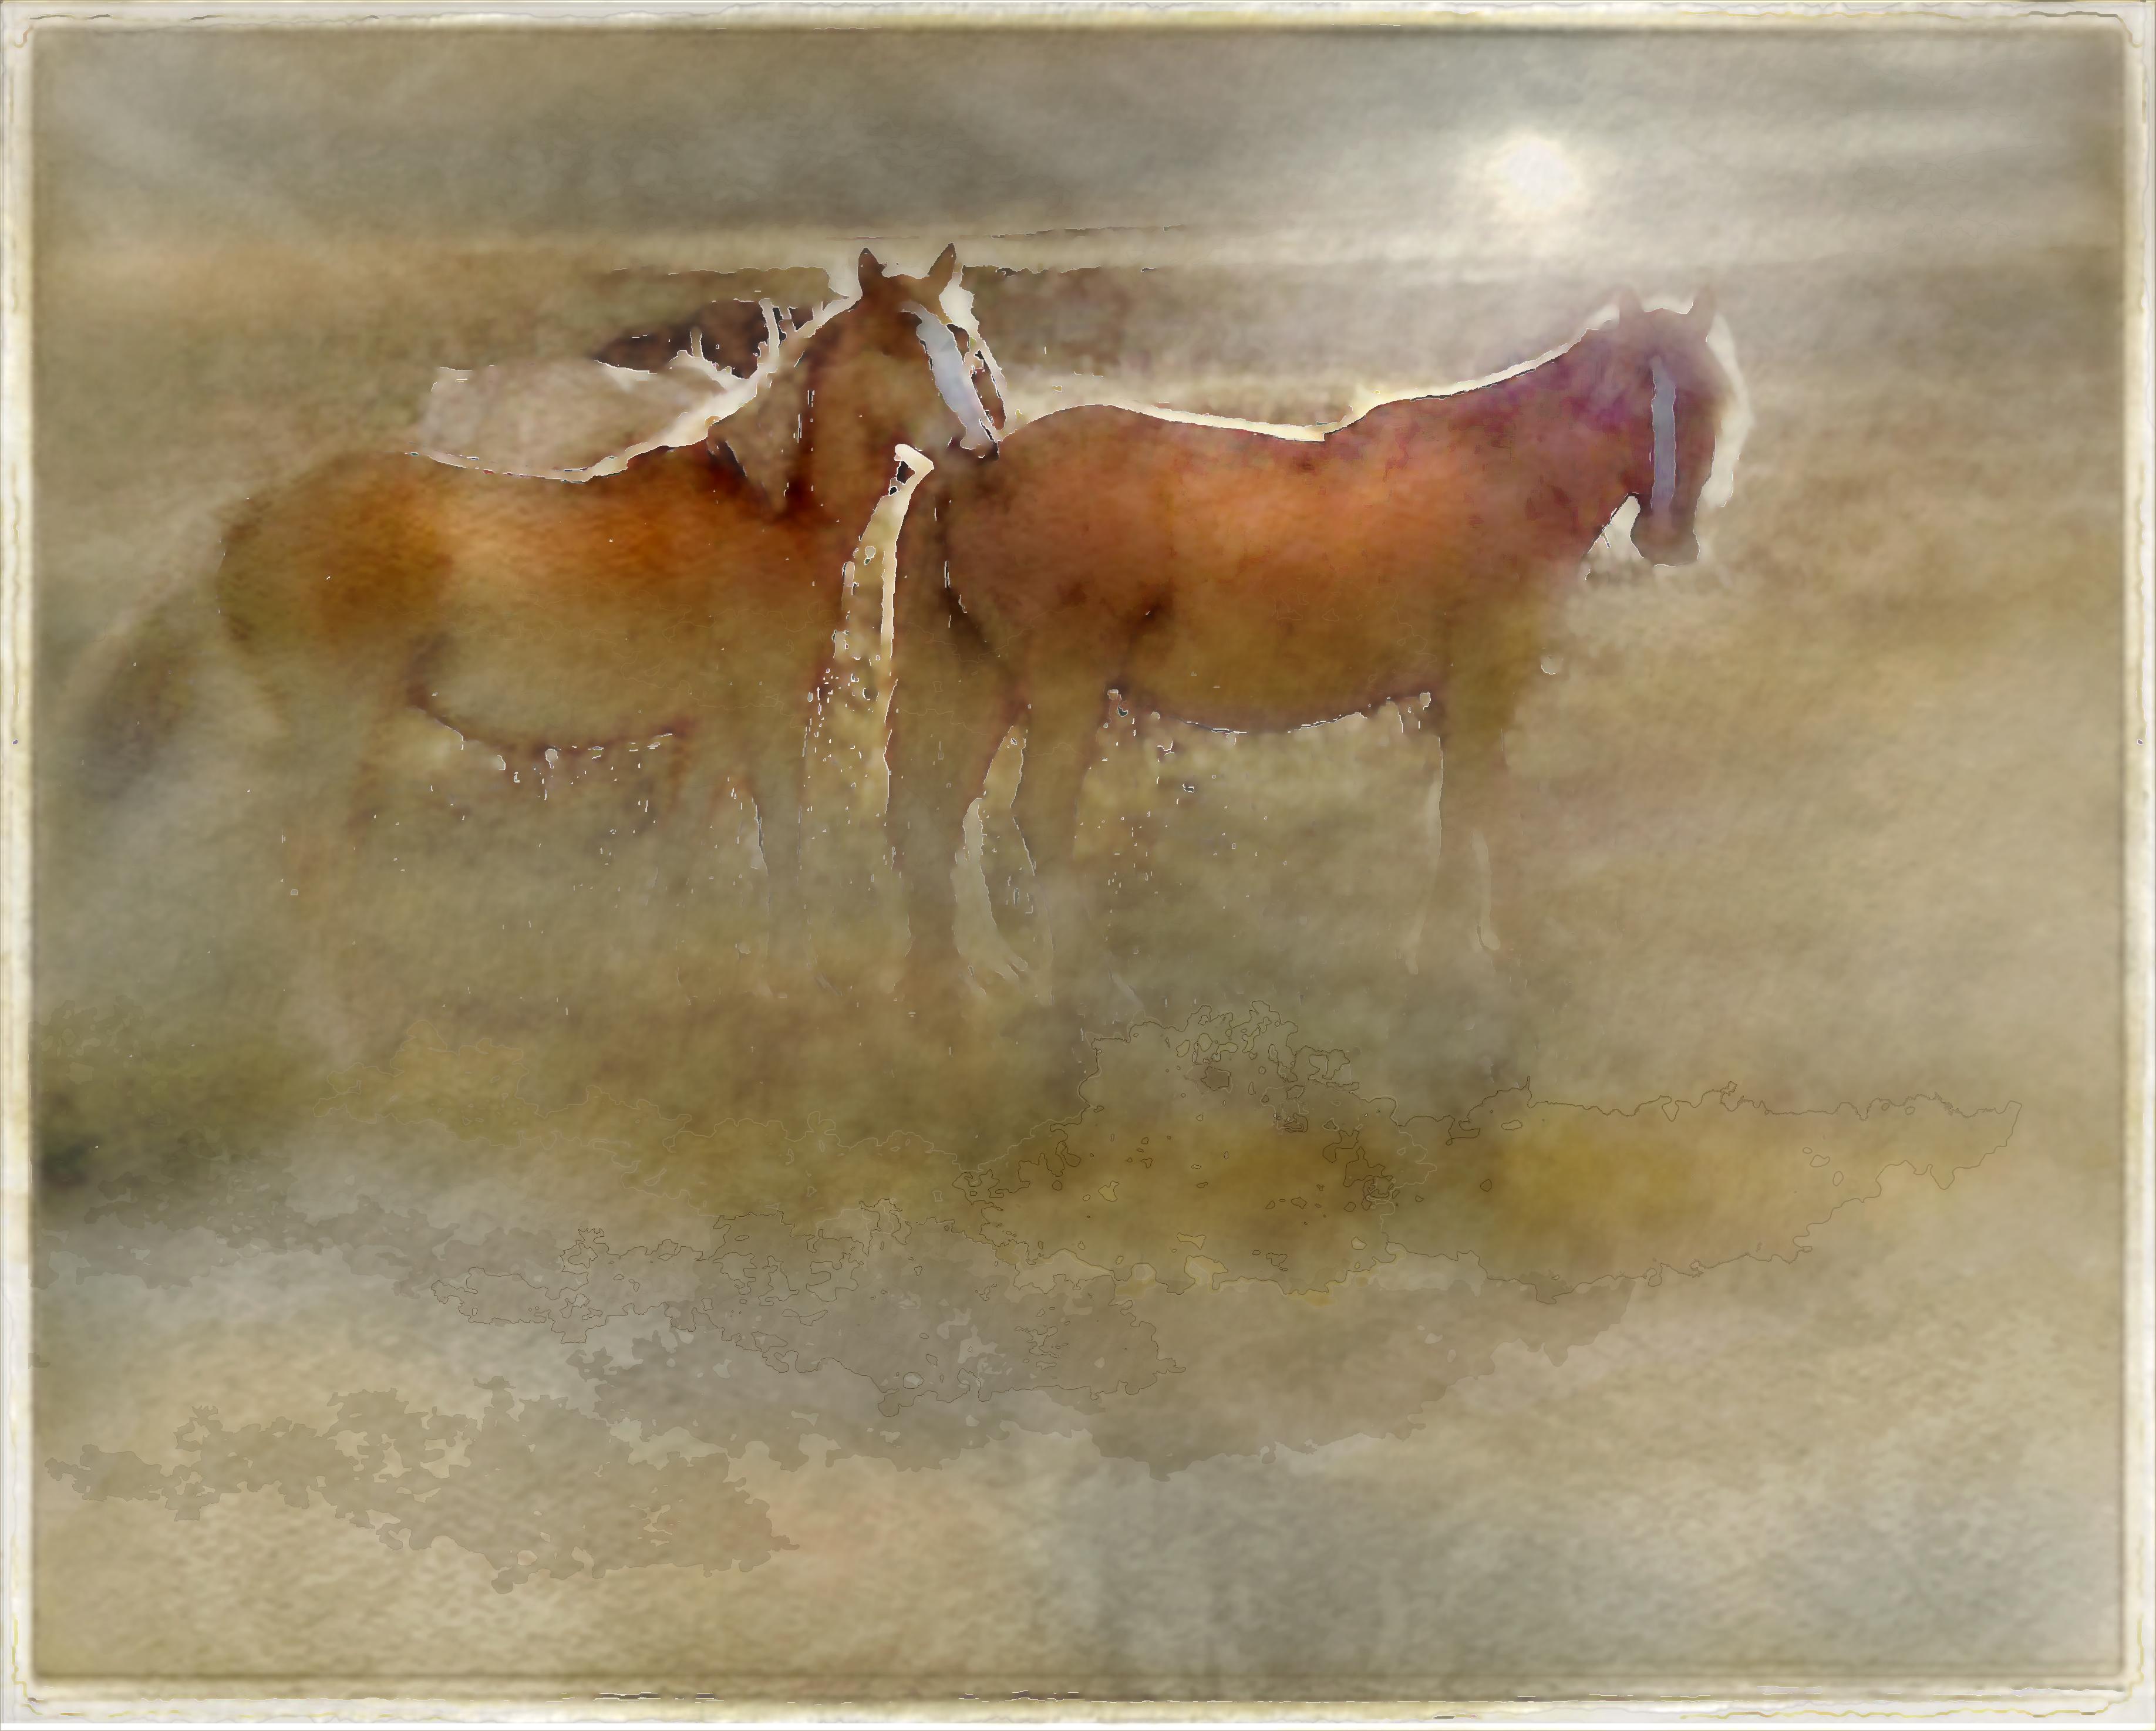 Masaüstü Atlar Sisli Dijital Photoshop Manipüle Edilmiş